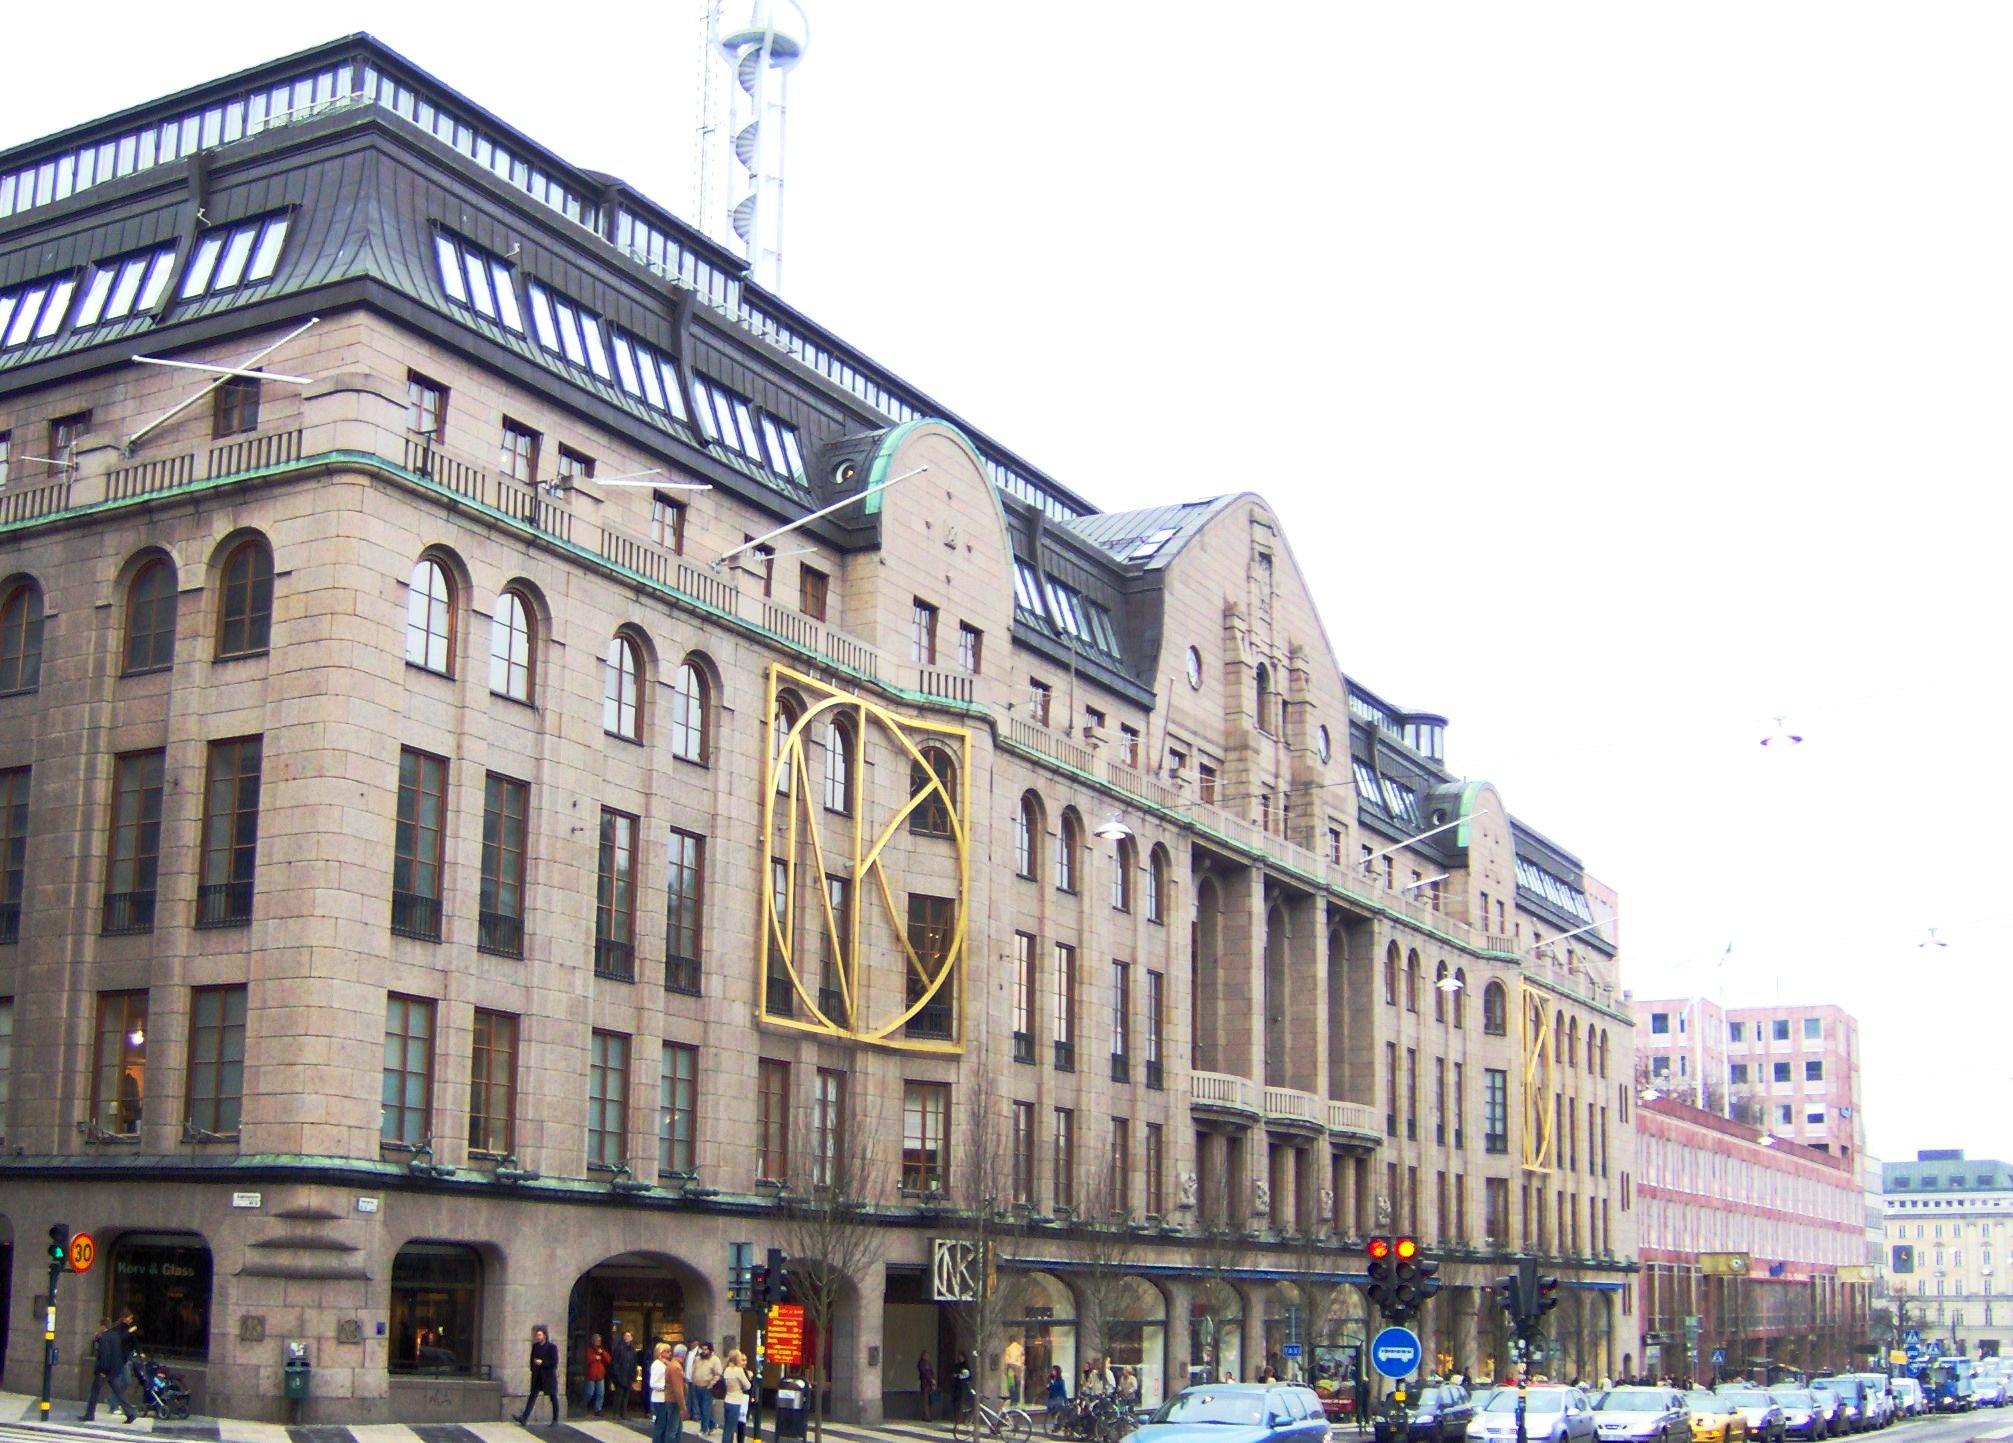 Nordiska kompaniet | Nordiska museet